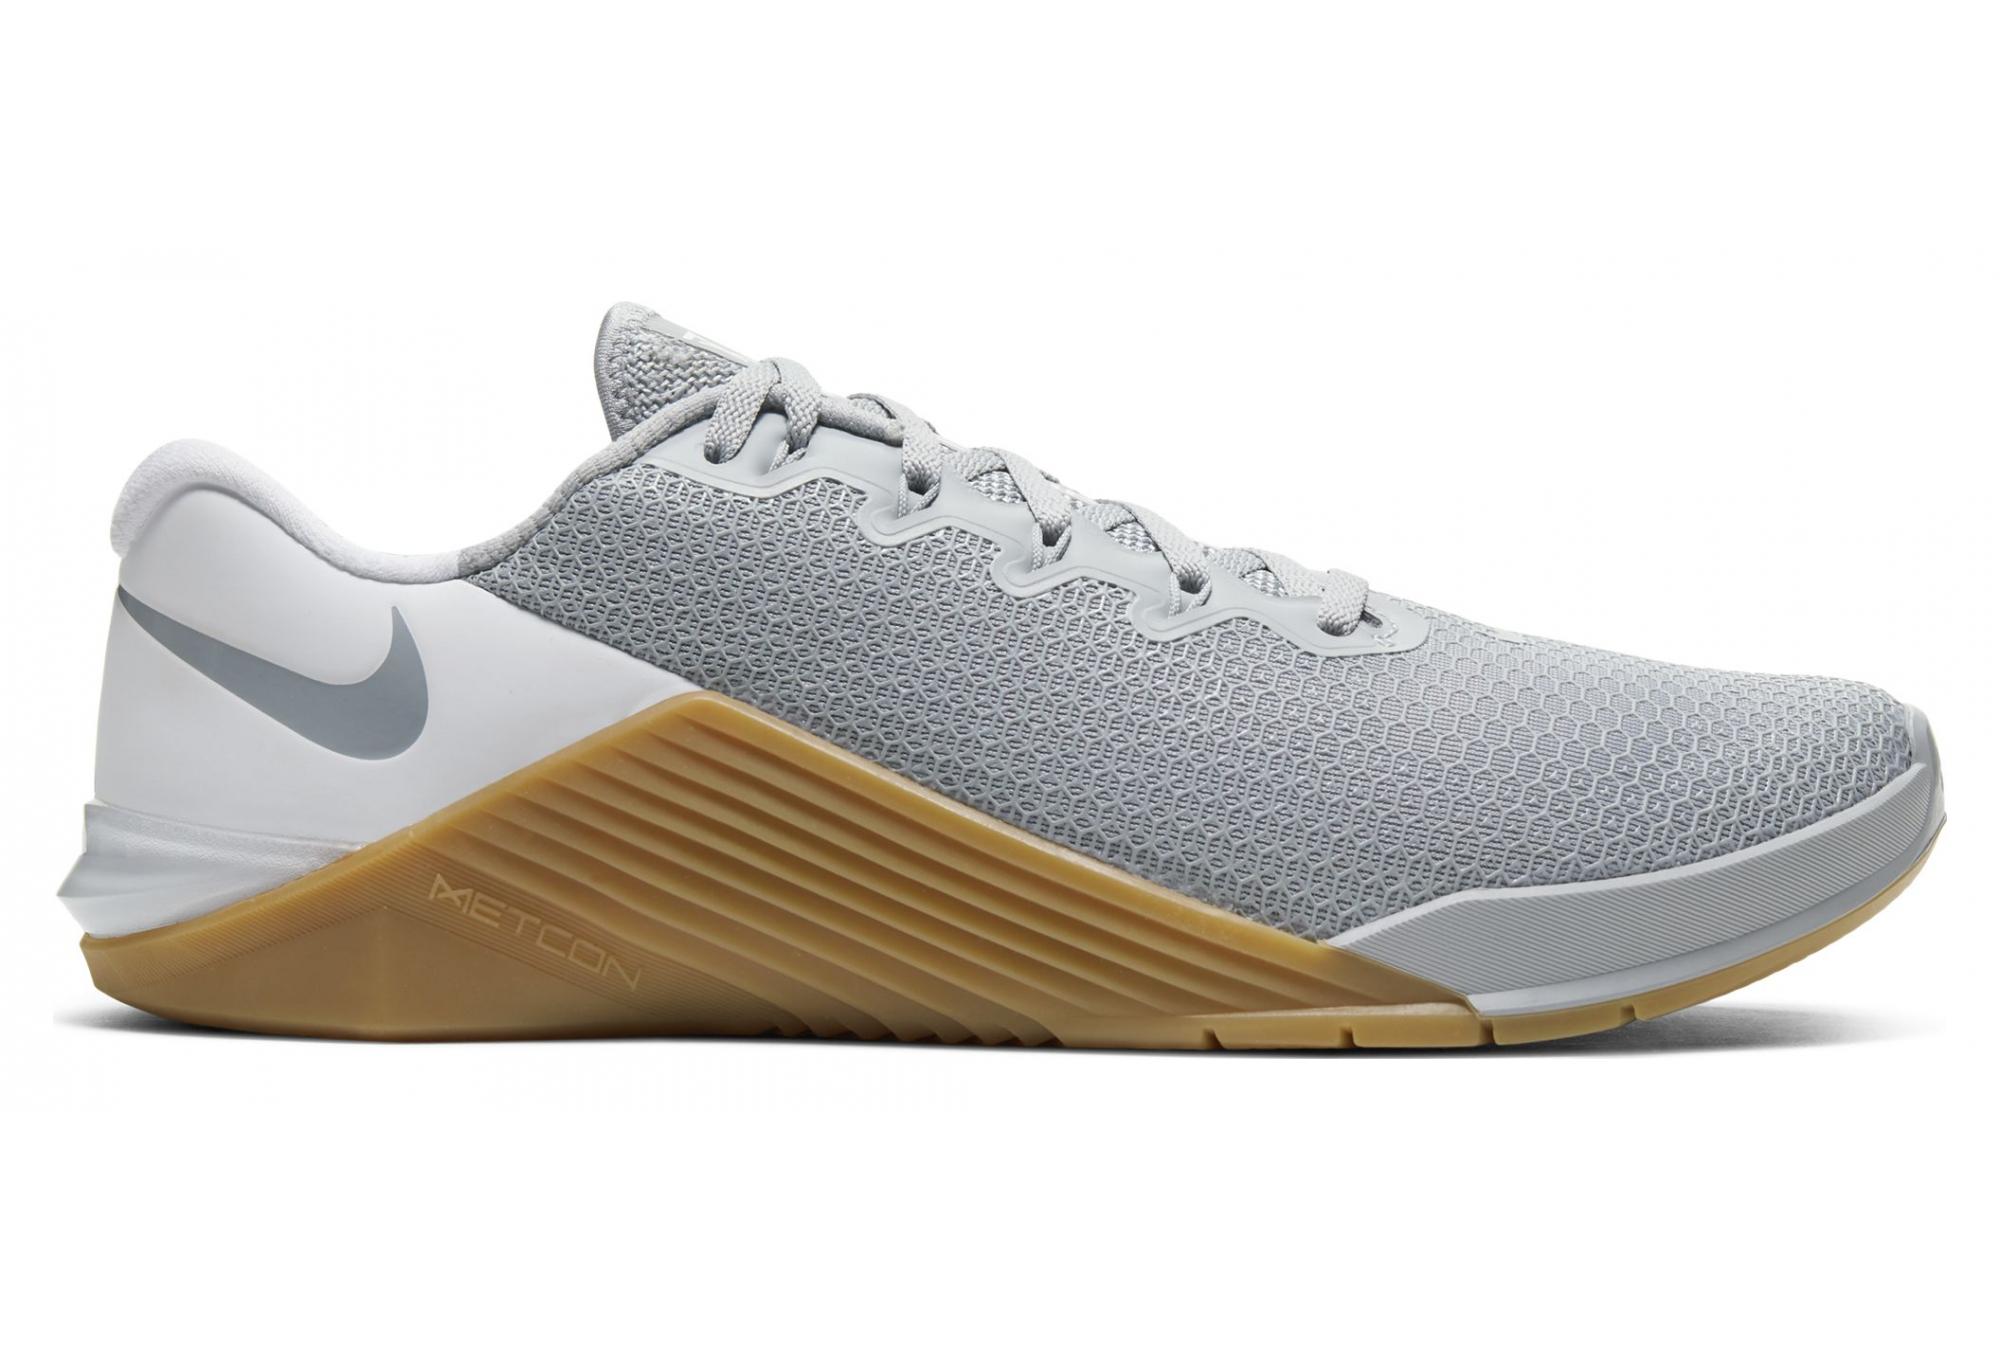 Nike Metcon 5 Gray White Gum Unisex